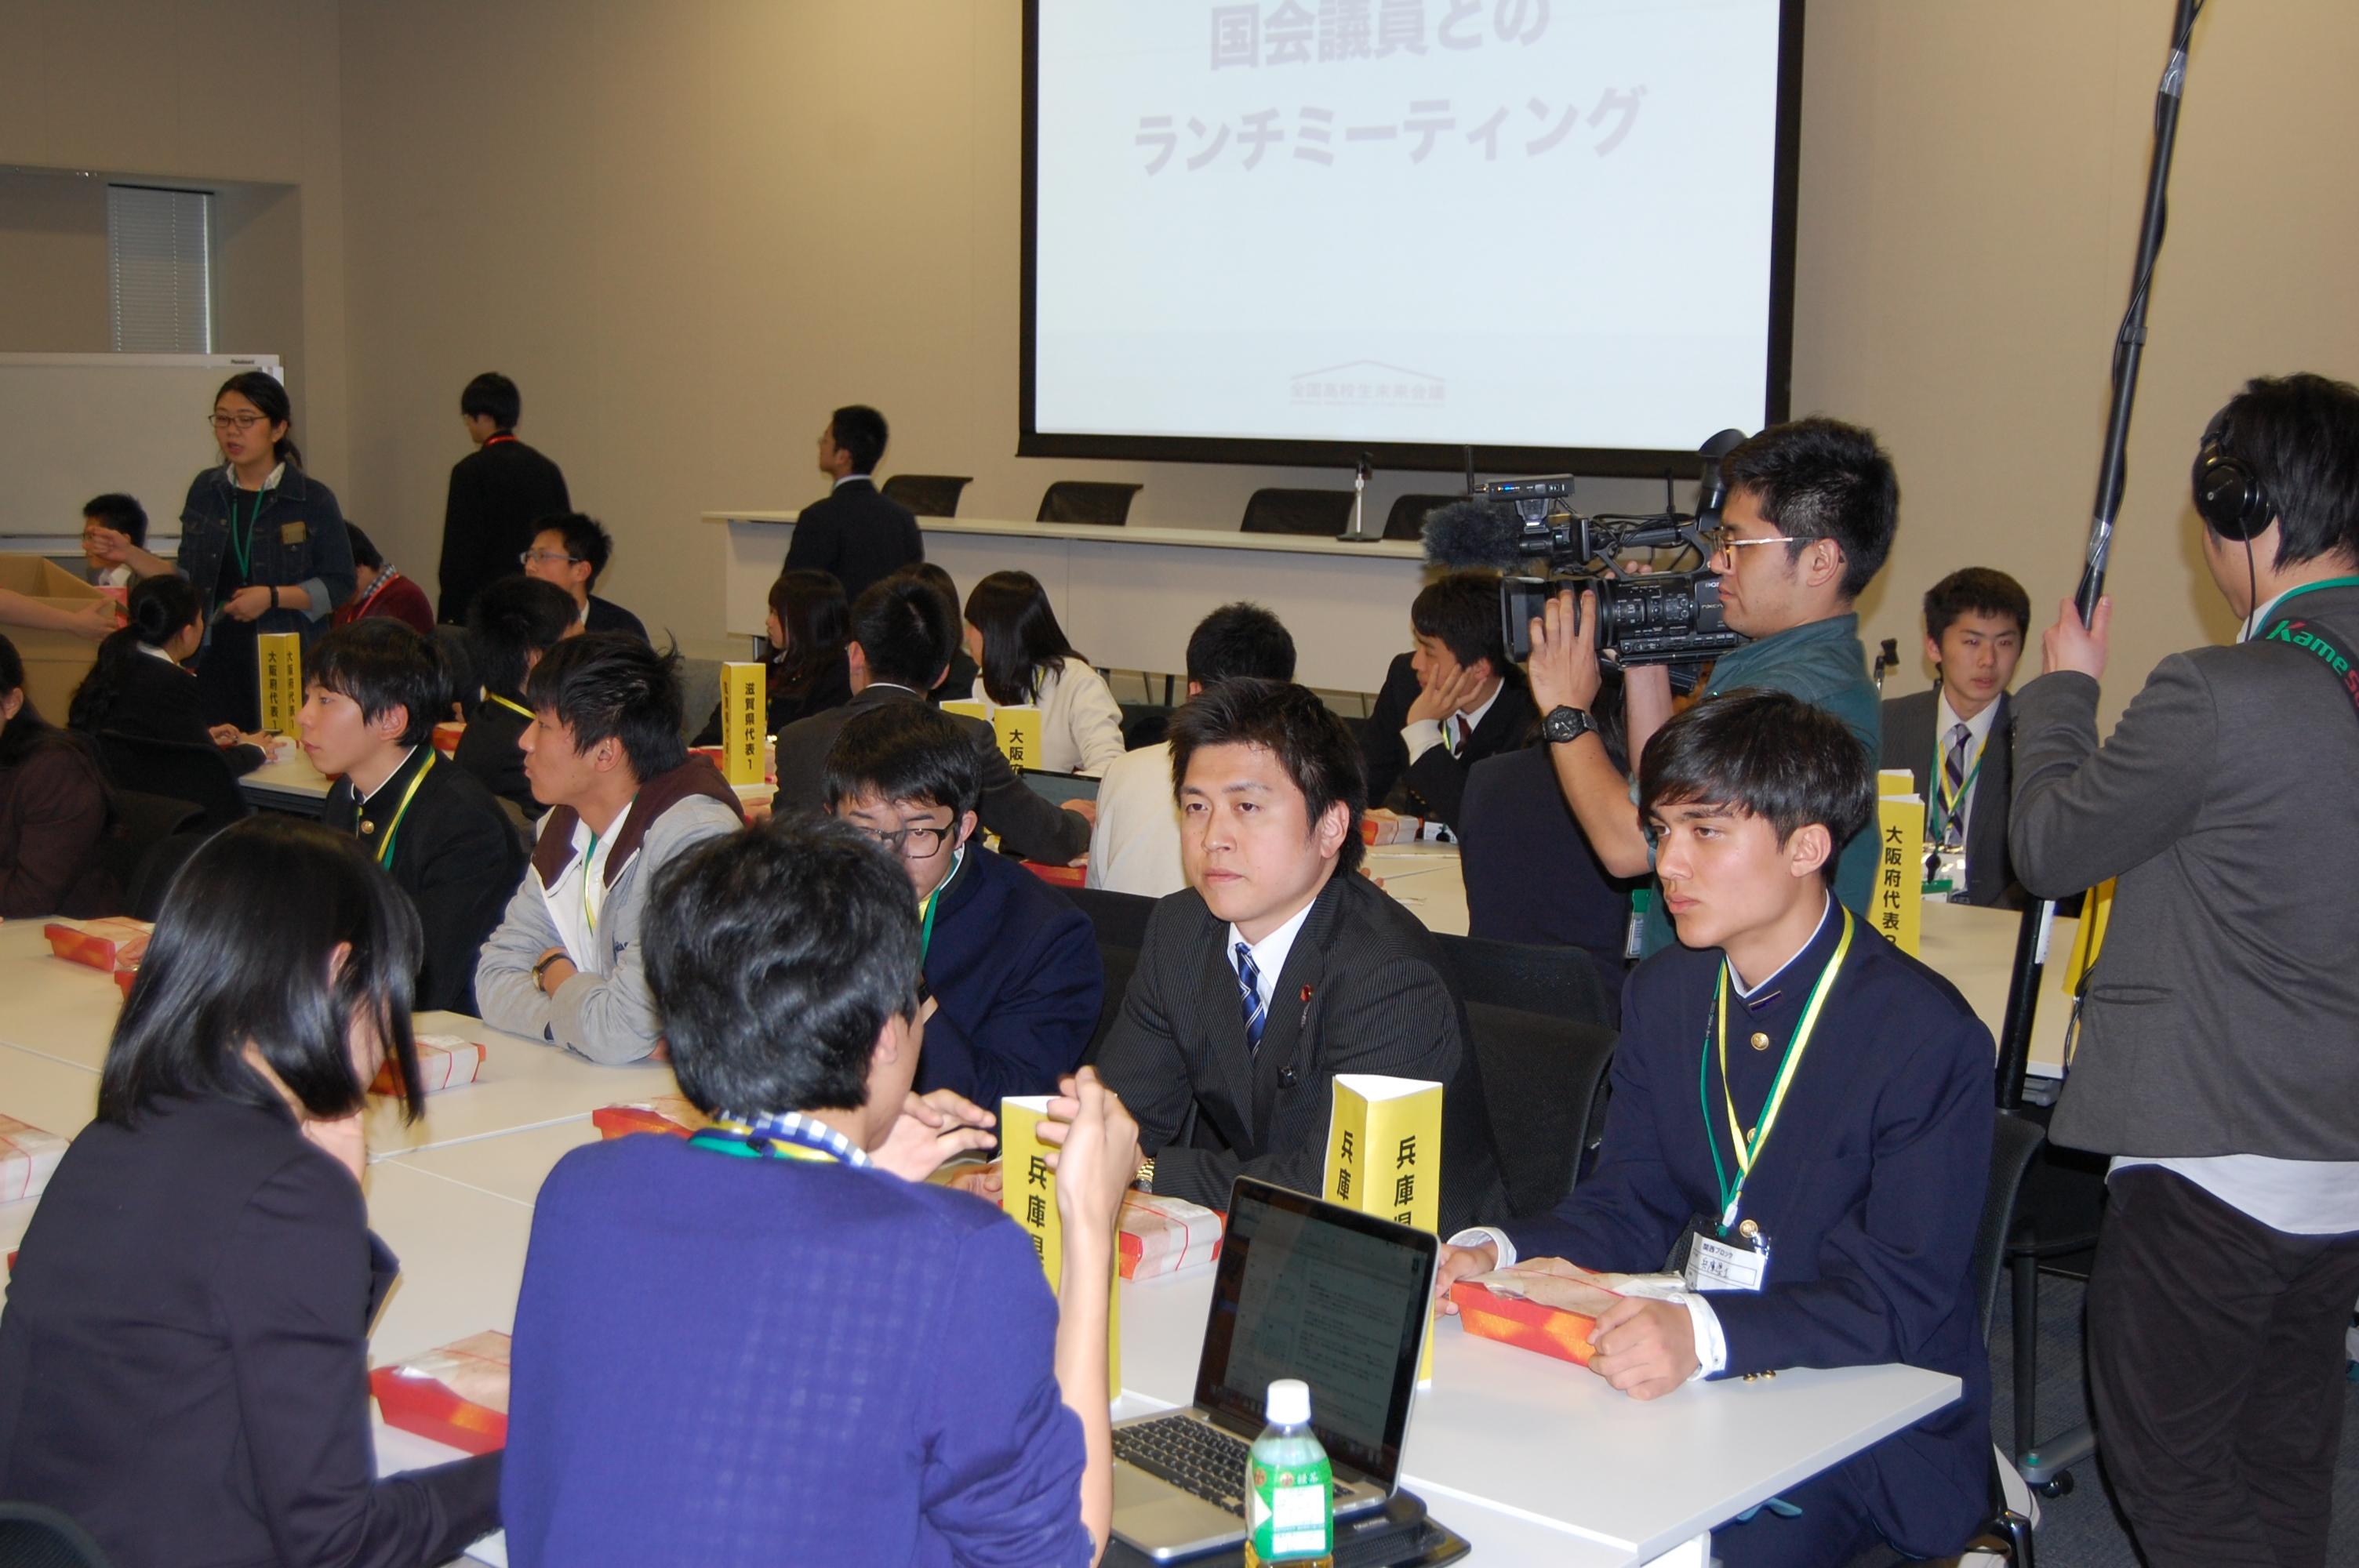 全国高校生未来会議に参加